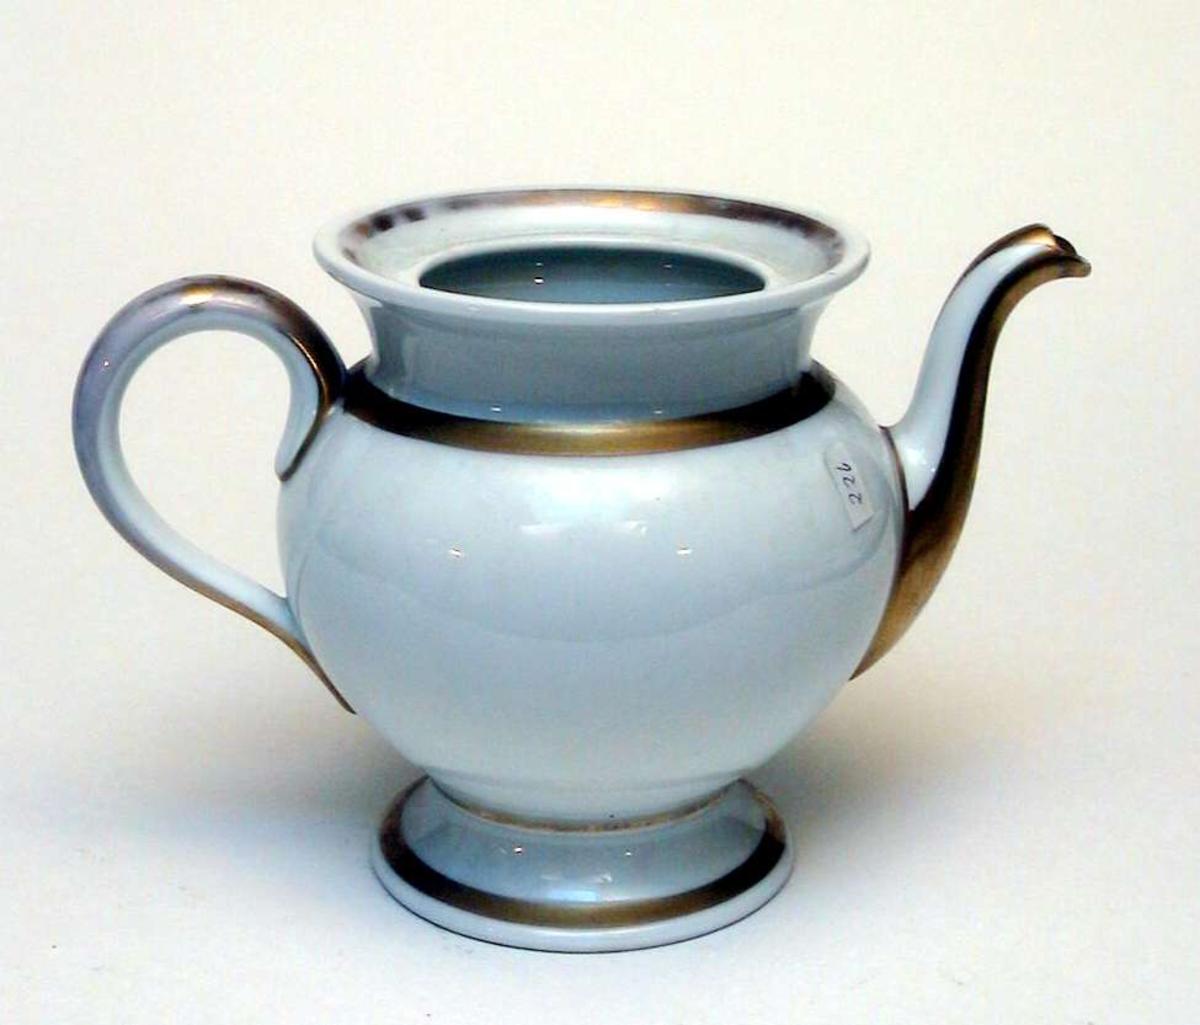 Tekanne i hvit keramikk med forgylling. Fabrikkstempelet er Thomas, Bavaria. Lokket mangler.